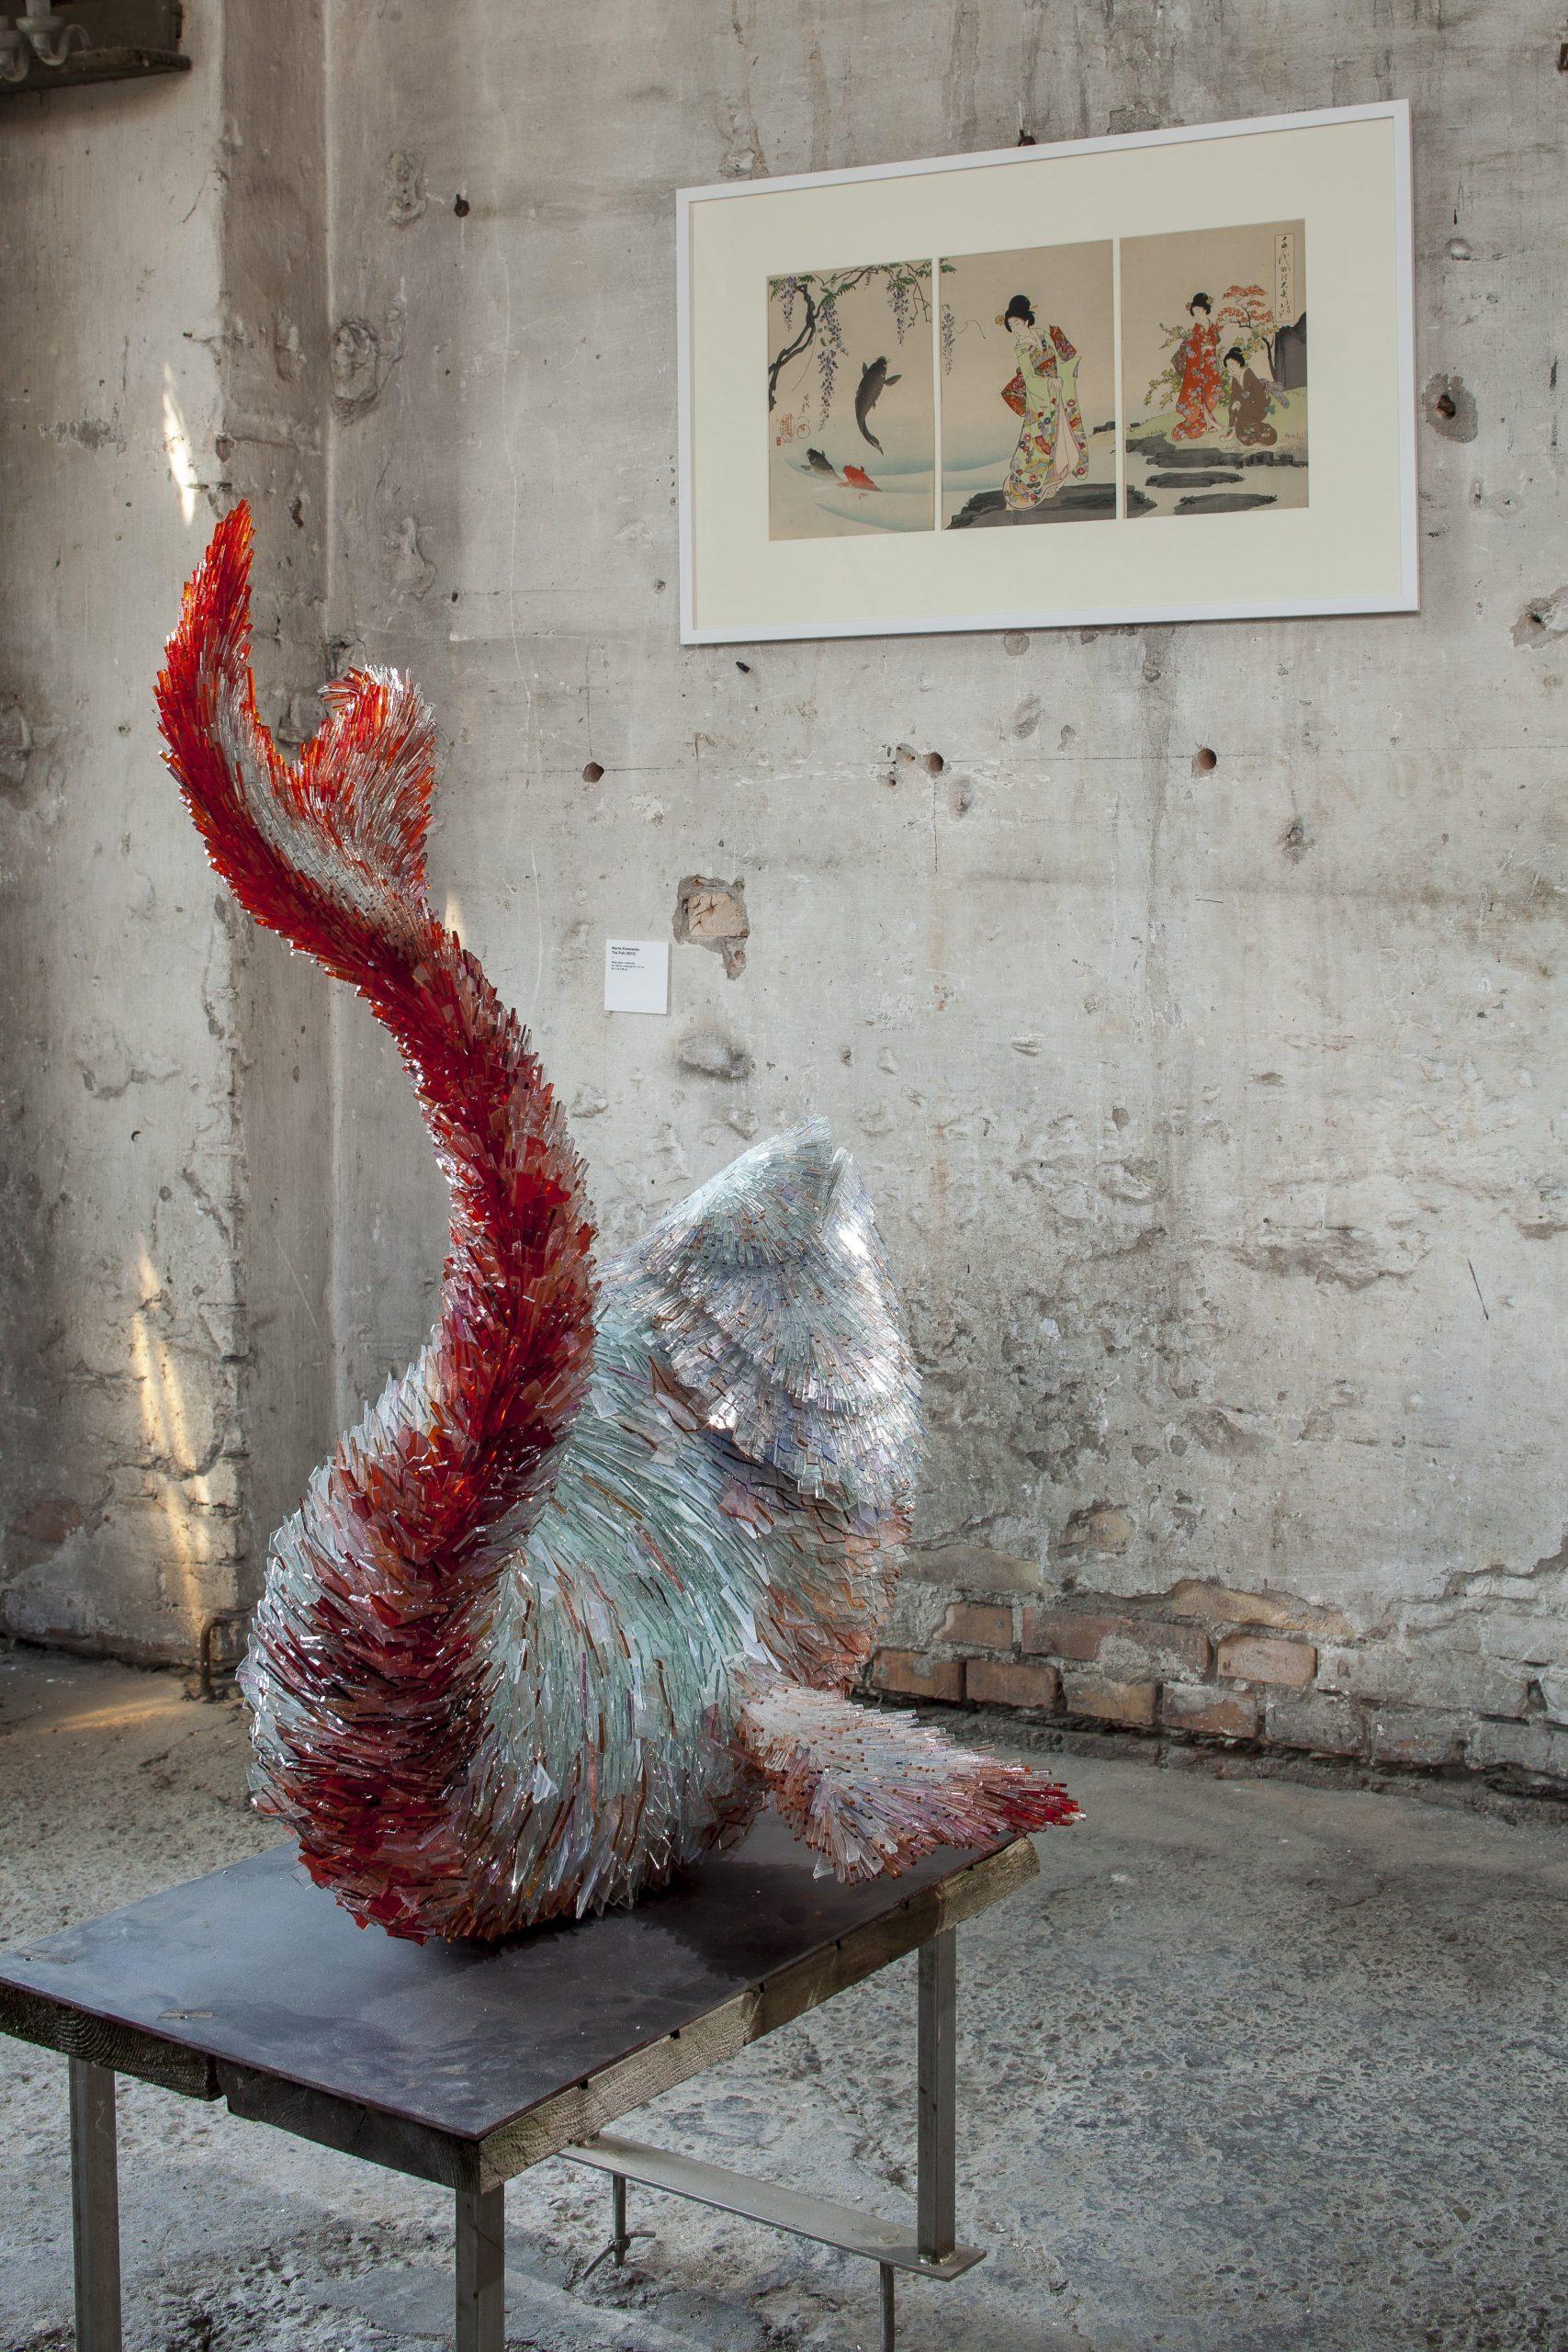 Marta Klonowska's The Fish